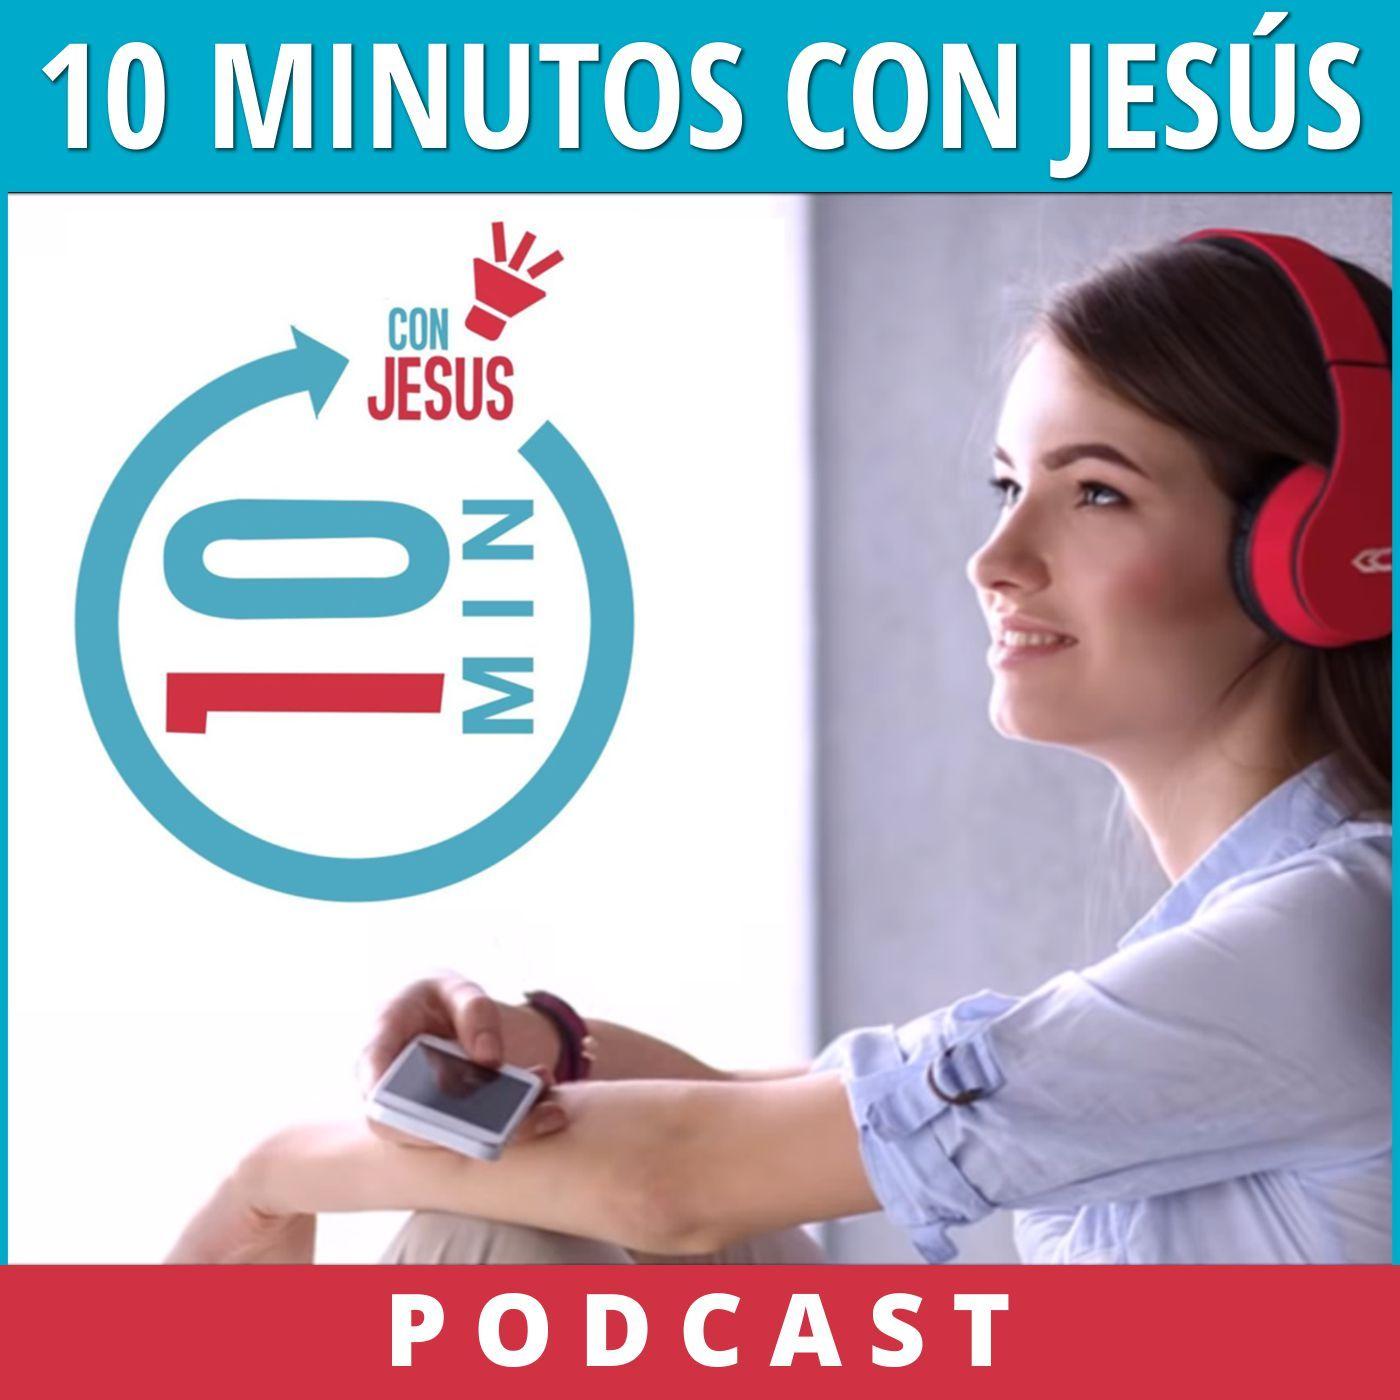 14-02-2020 La mujer en la iglesia - 10 Minutos con Jesús